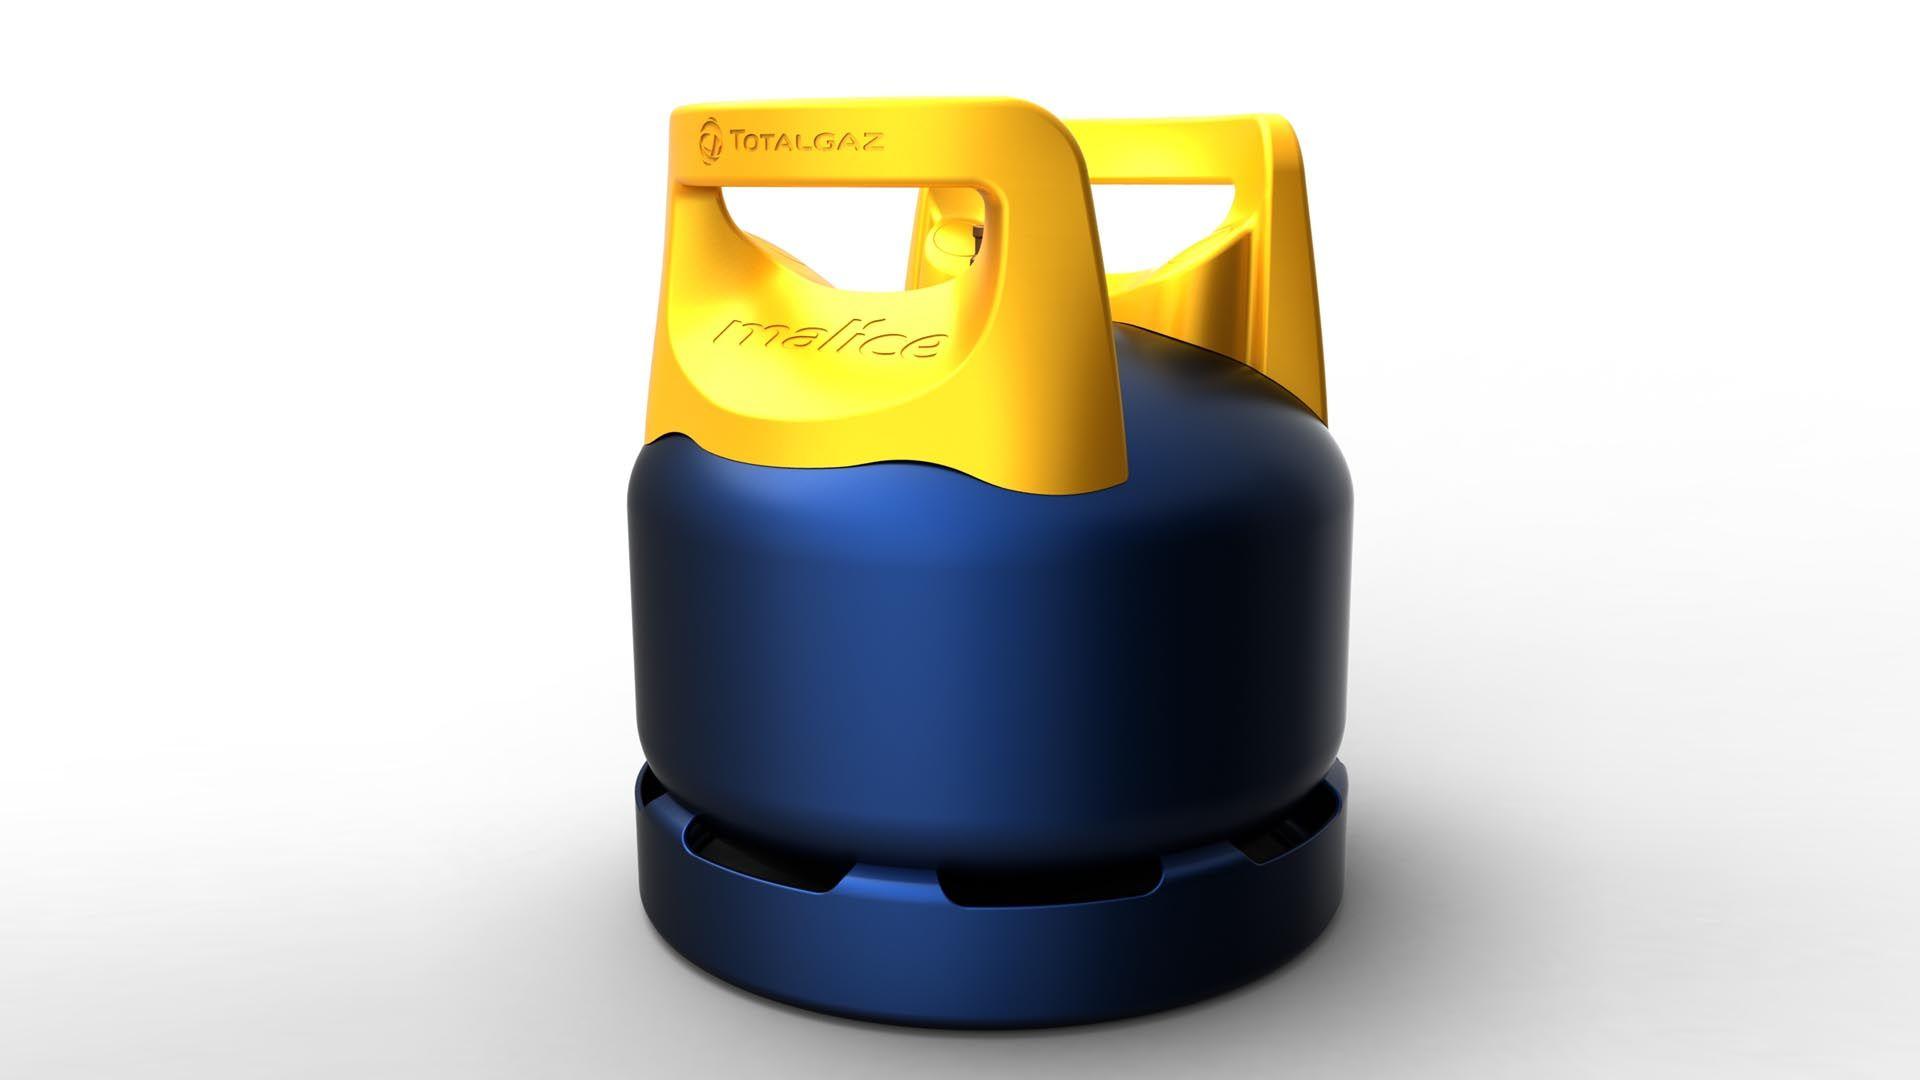 gas cylinder malice totalgaz diedre design diedre. Black Bedroom Furniture Sets. Home Design Ideas